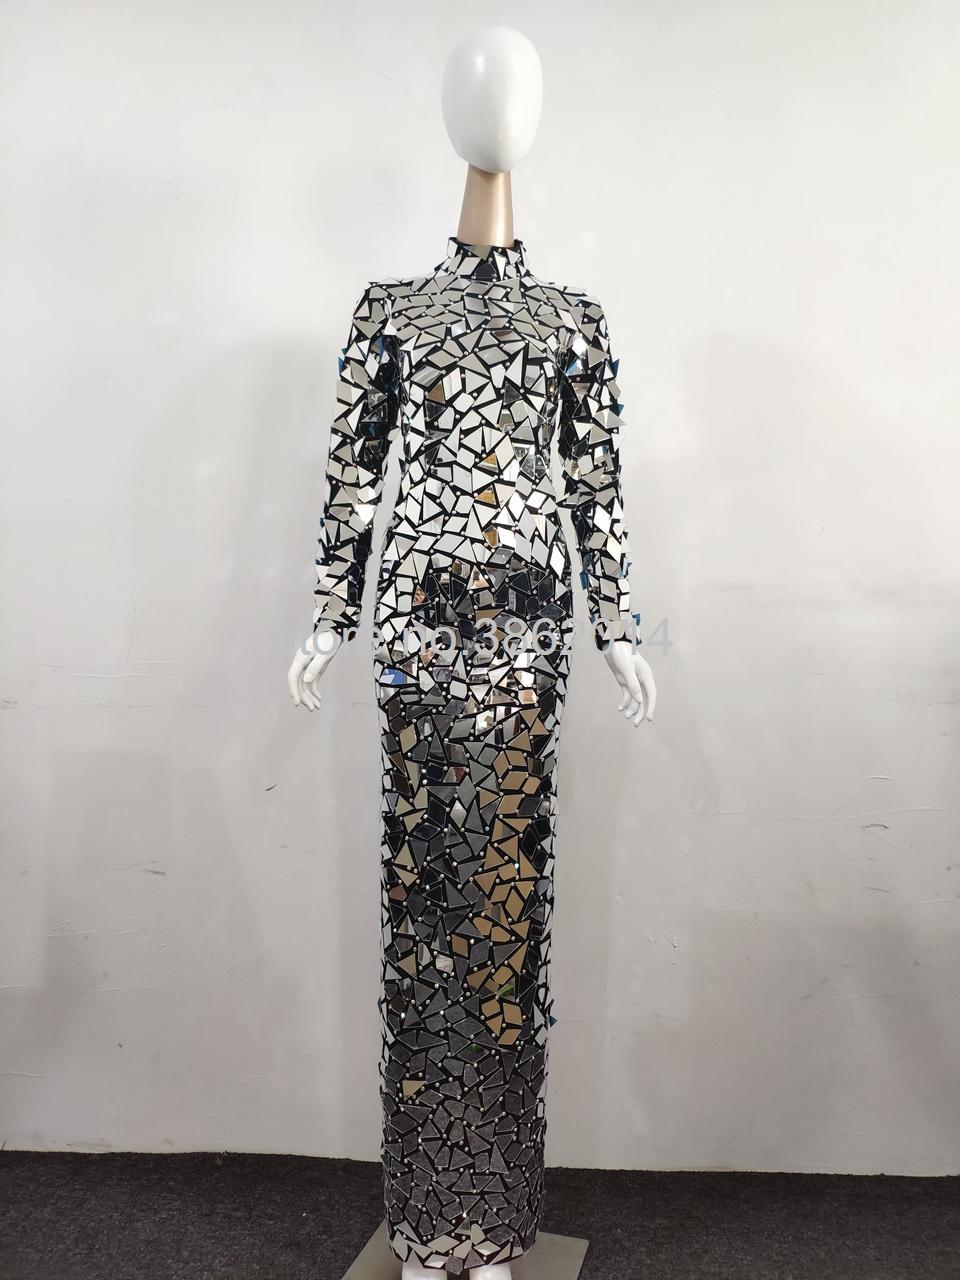 Новый дизайн Bling полные зеркала горный хрусталь длинное платье женщин вечером день рождения выпускного вечера праздновать вечеринку хвостовое платье черный сценический костюм